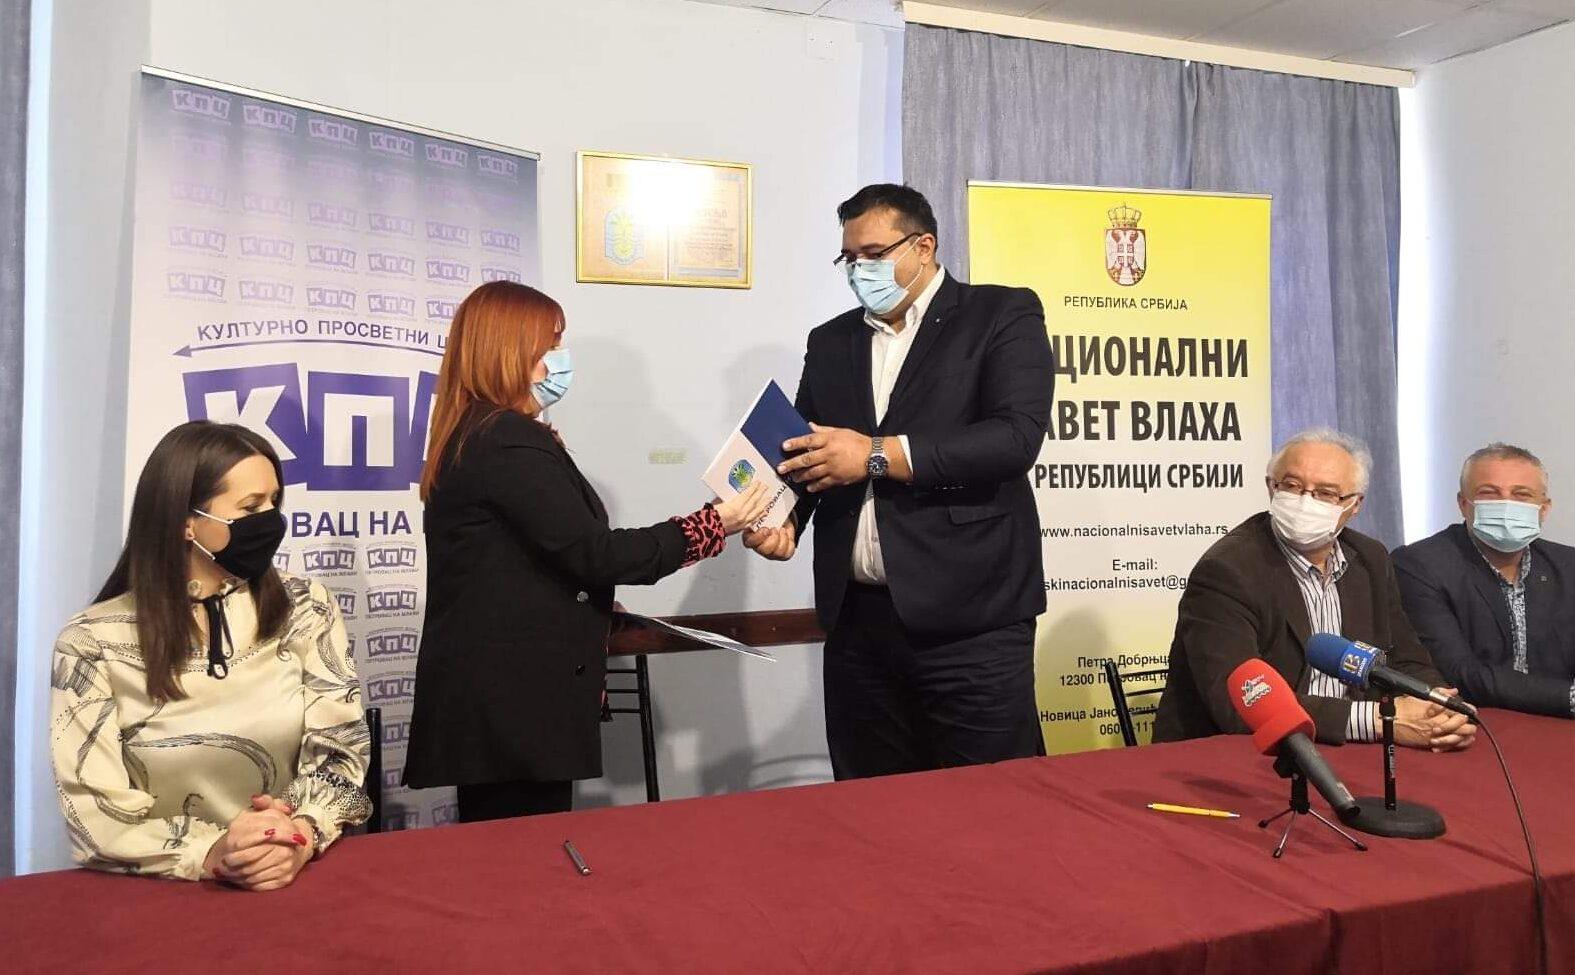 Potpisan sporazum o saradnji između Kulturno - prosvetnog centra Petrovac na Mlavi i Nacionalnog saveta Vlaha u Republici Srbiji 50532